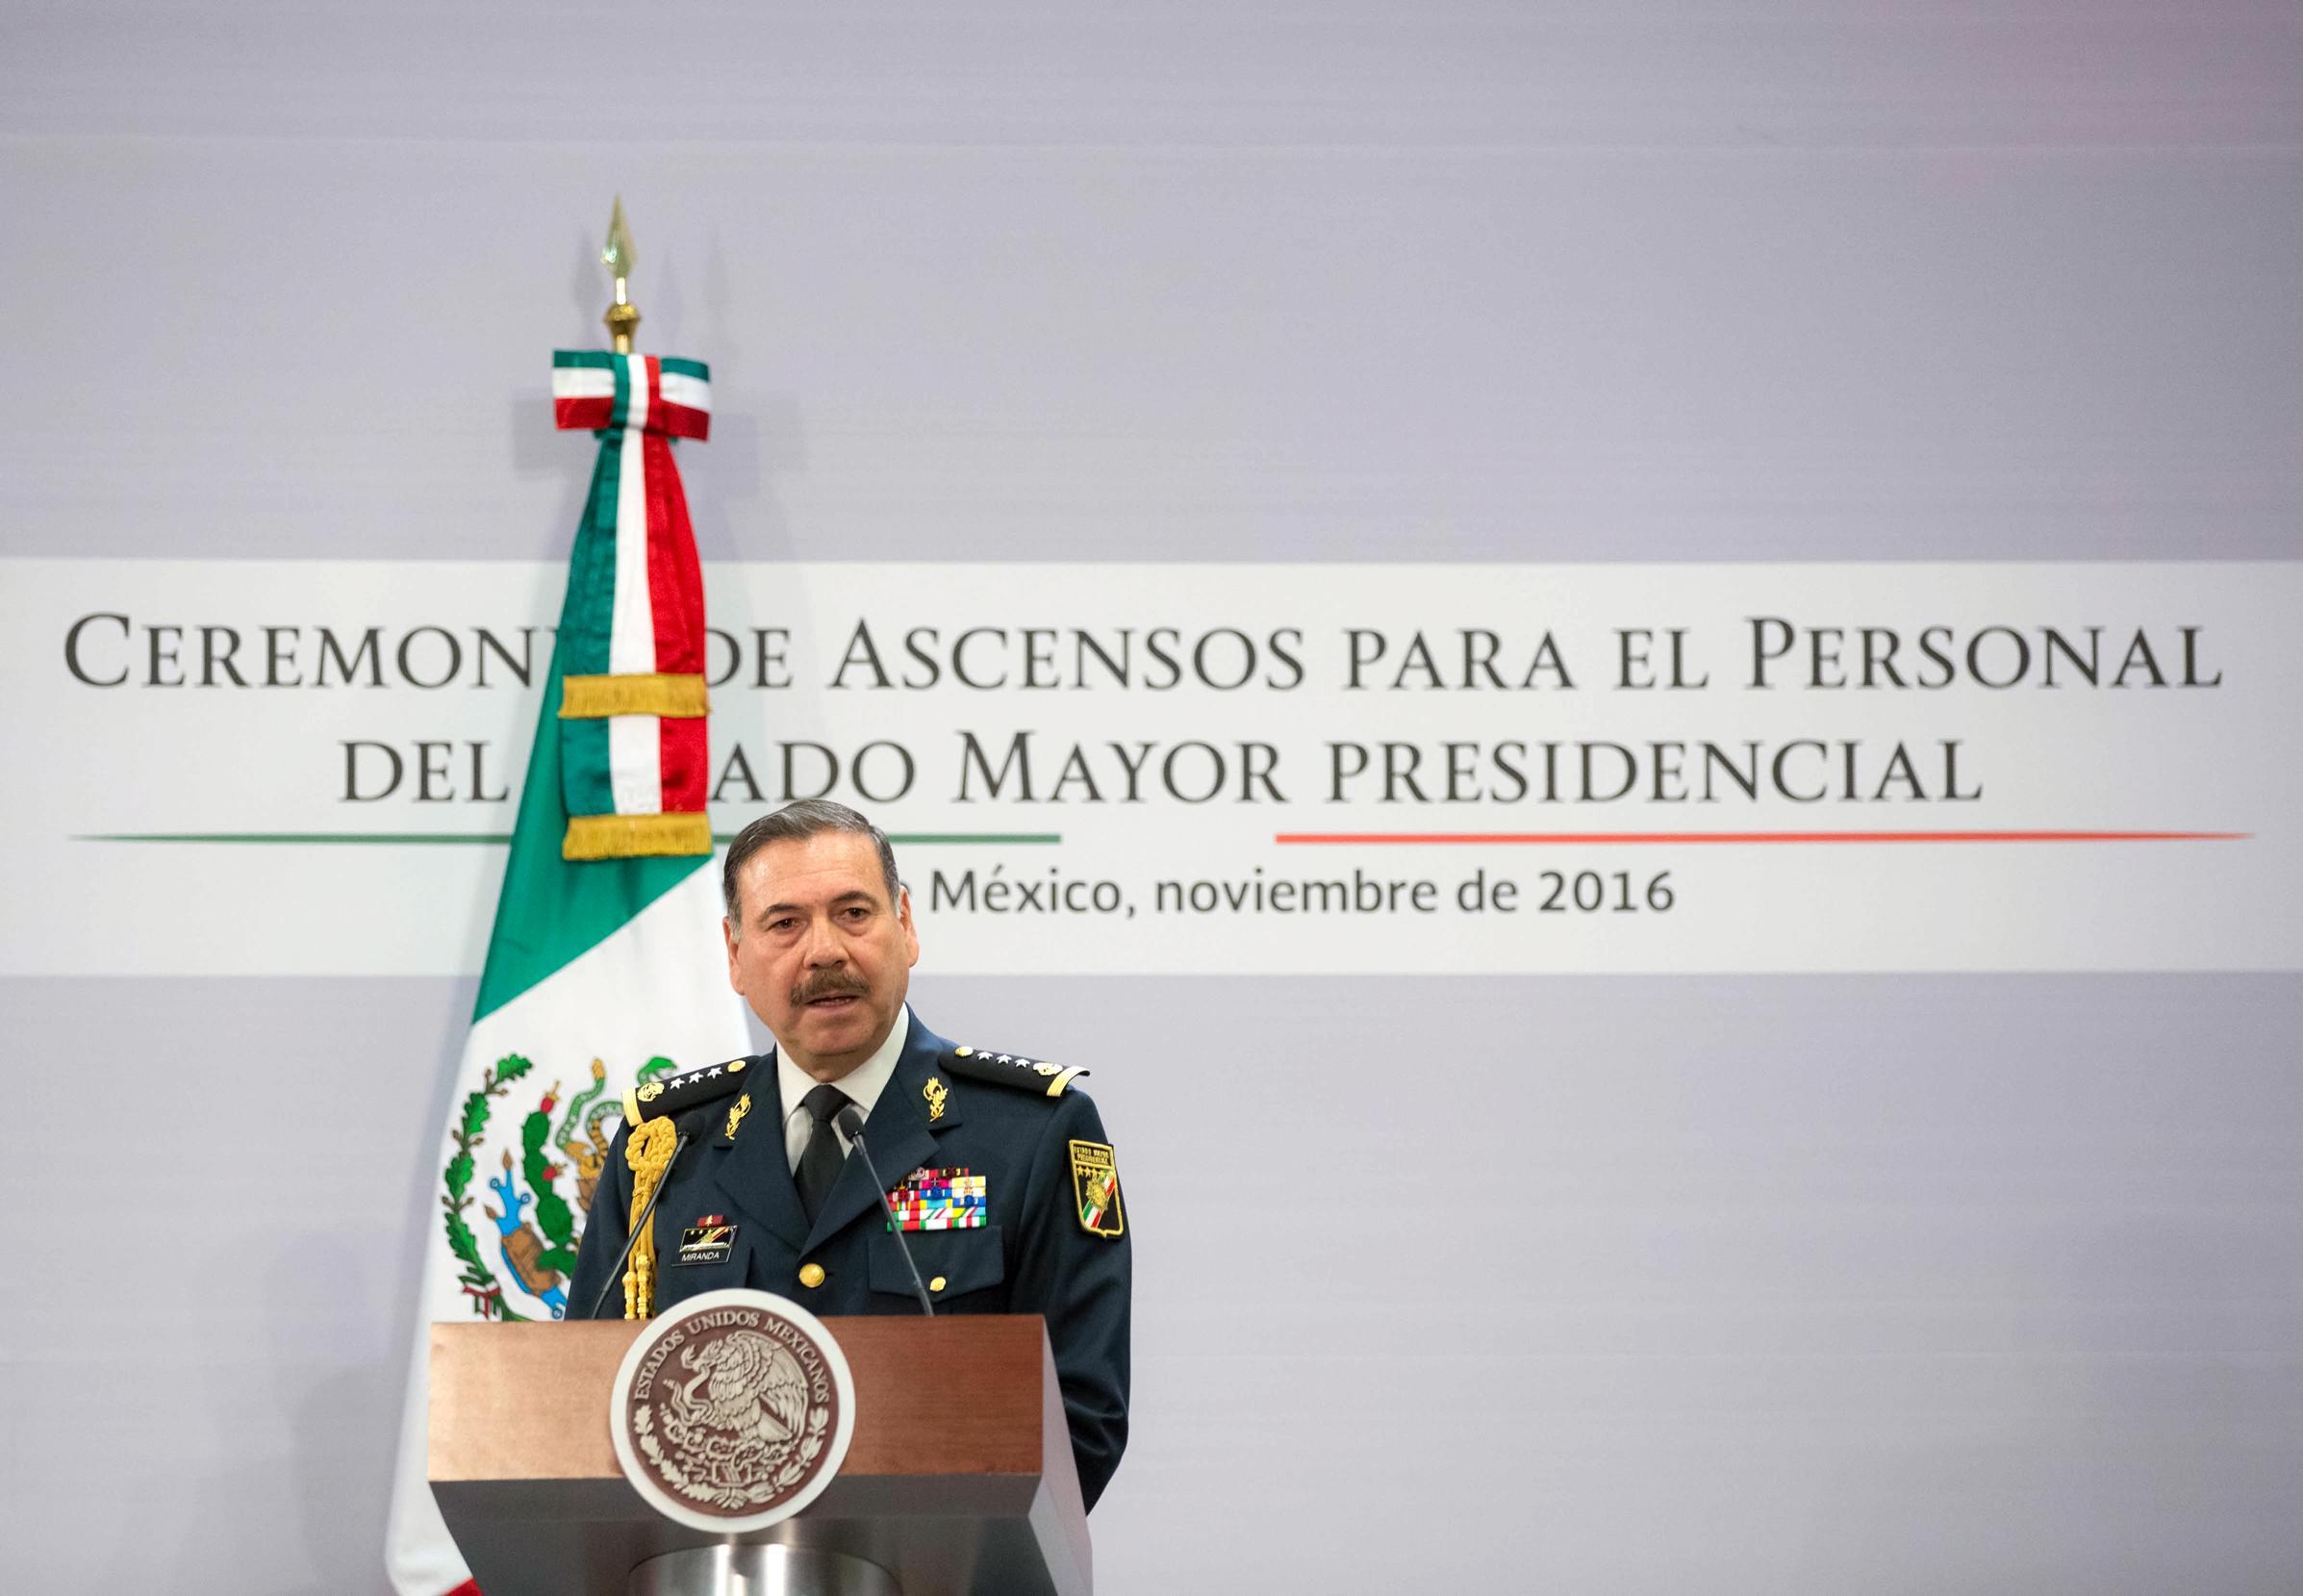 """""""En las Fuerzas Armadas, los soldados, pilotos y marinos trabajamos arduamente y sin descanso para proteger los intereses de los mexicanos a quienes nos debemos en todo momento en tierra, en el aire y en el mar"""": Francisco Miranda Moreno, Jefe del EMP."""